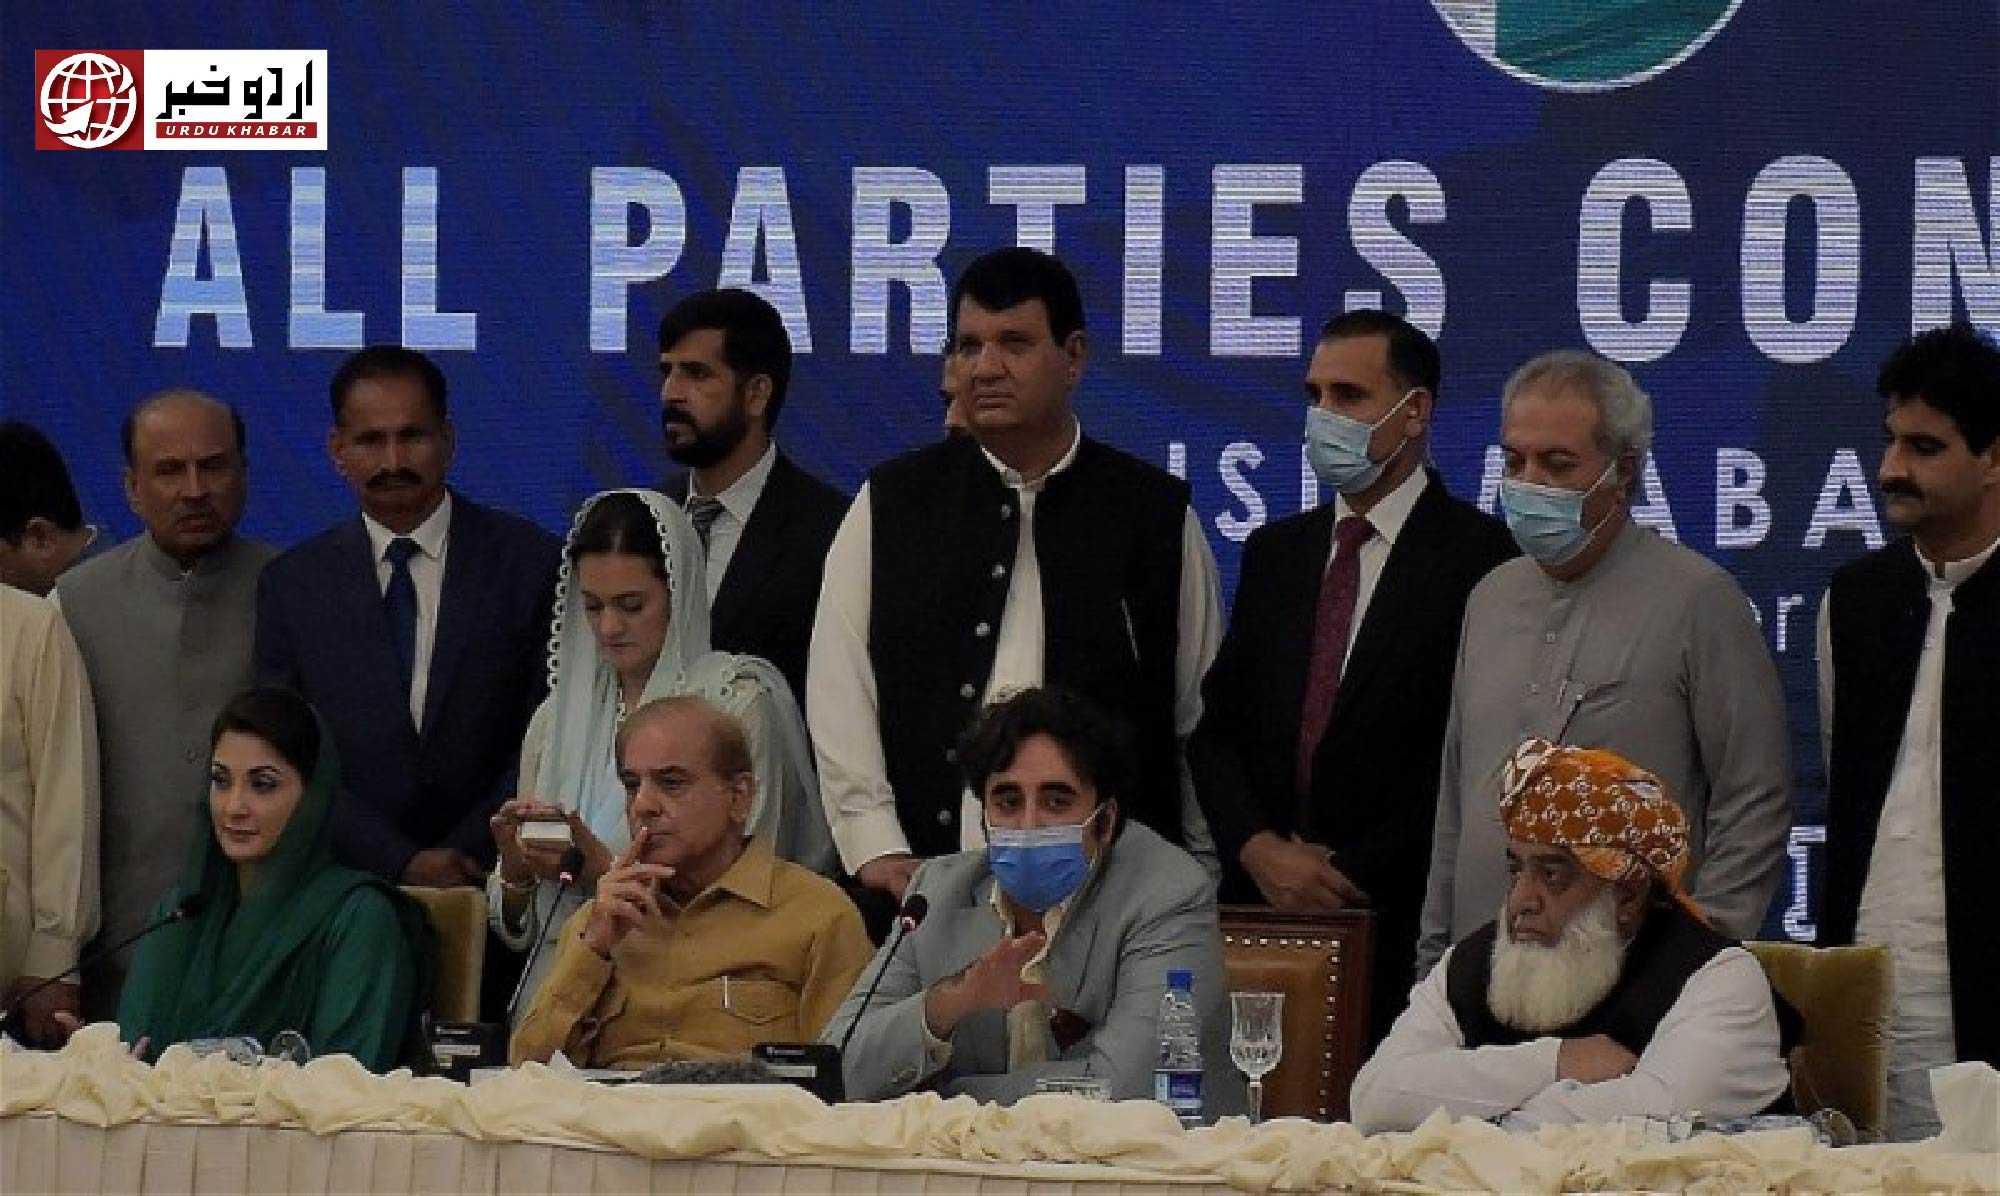 پاکستان ڈیموکریٹک موومنٹ کا اسلام اباد مارچ کا اعلان